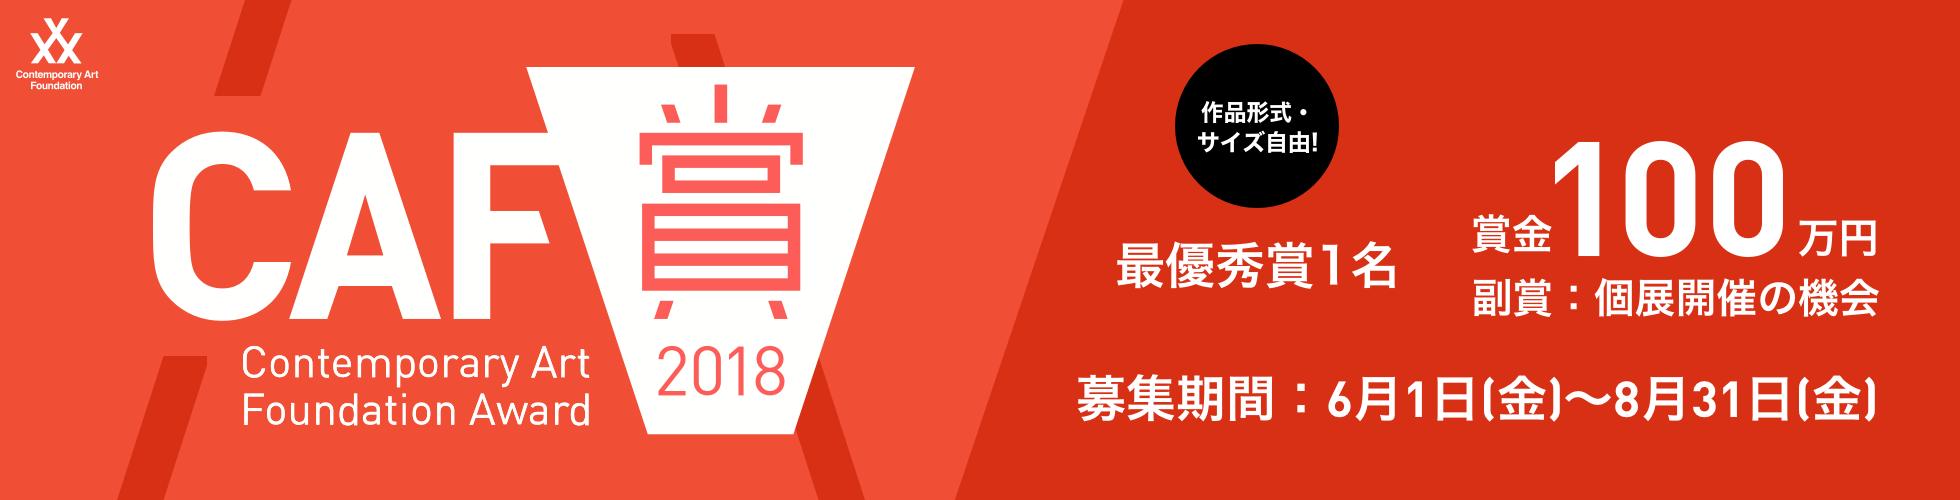 CAF賞2018 入選作品展覧会